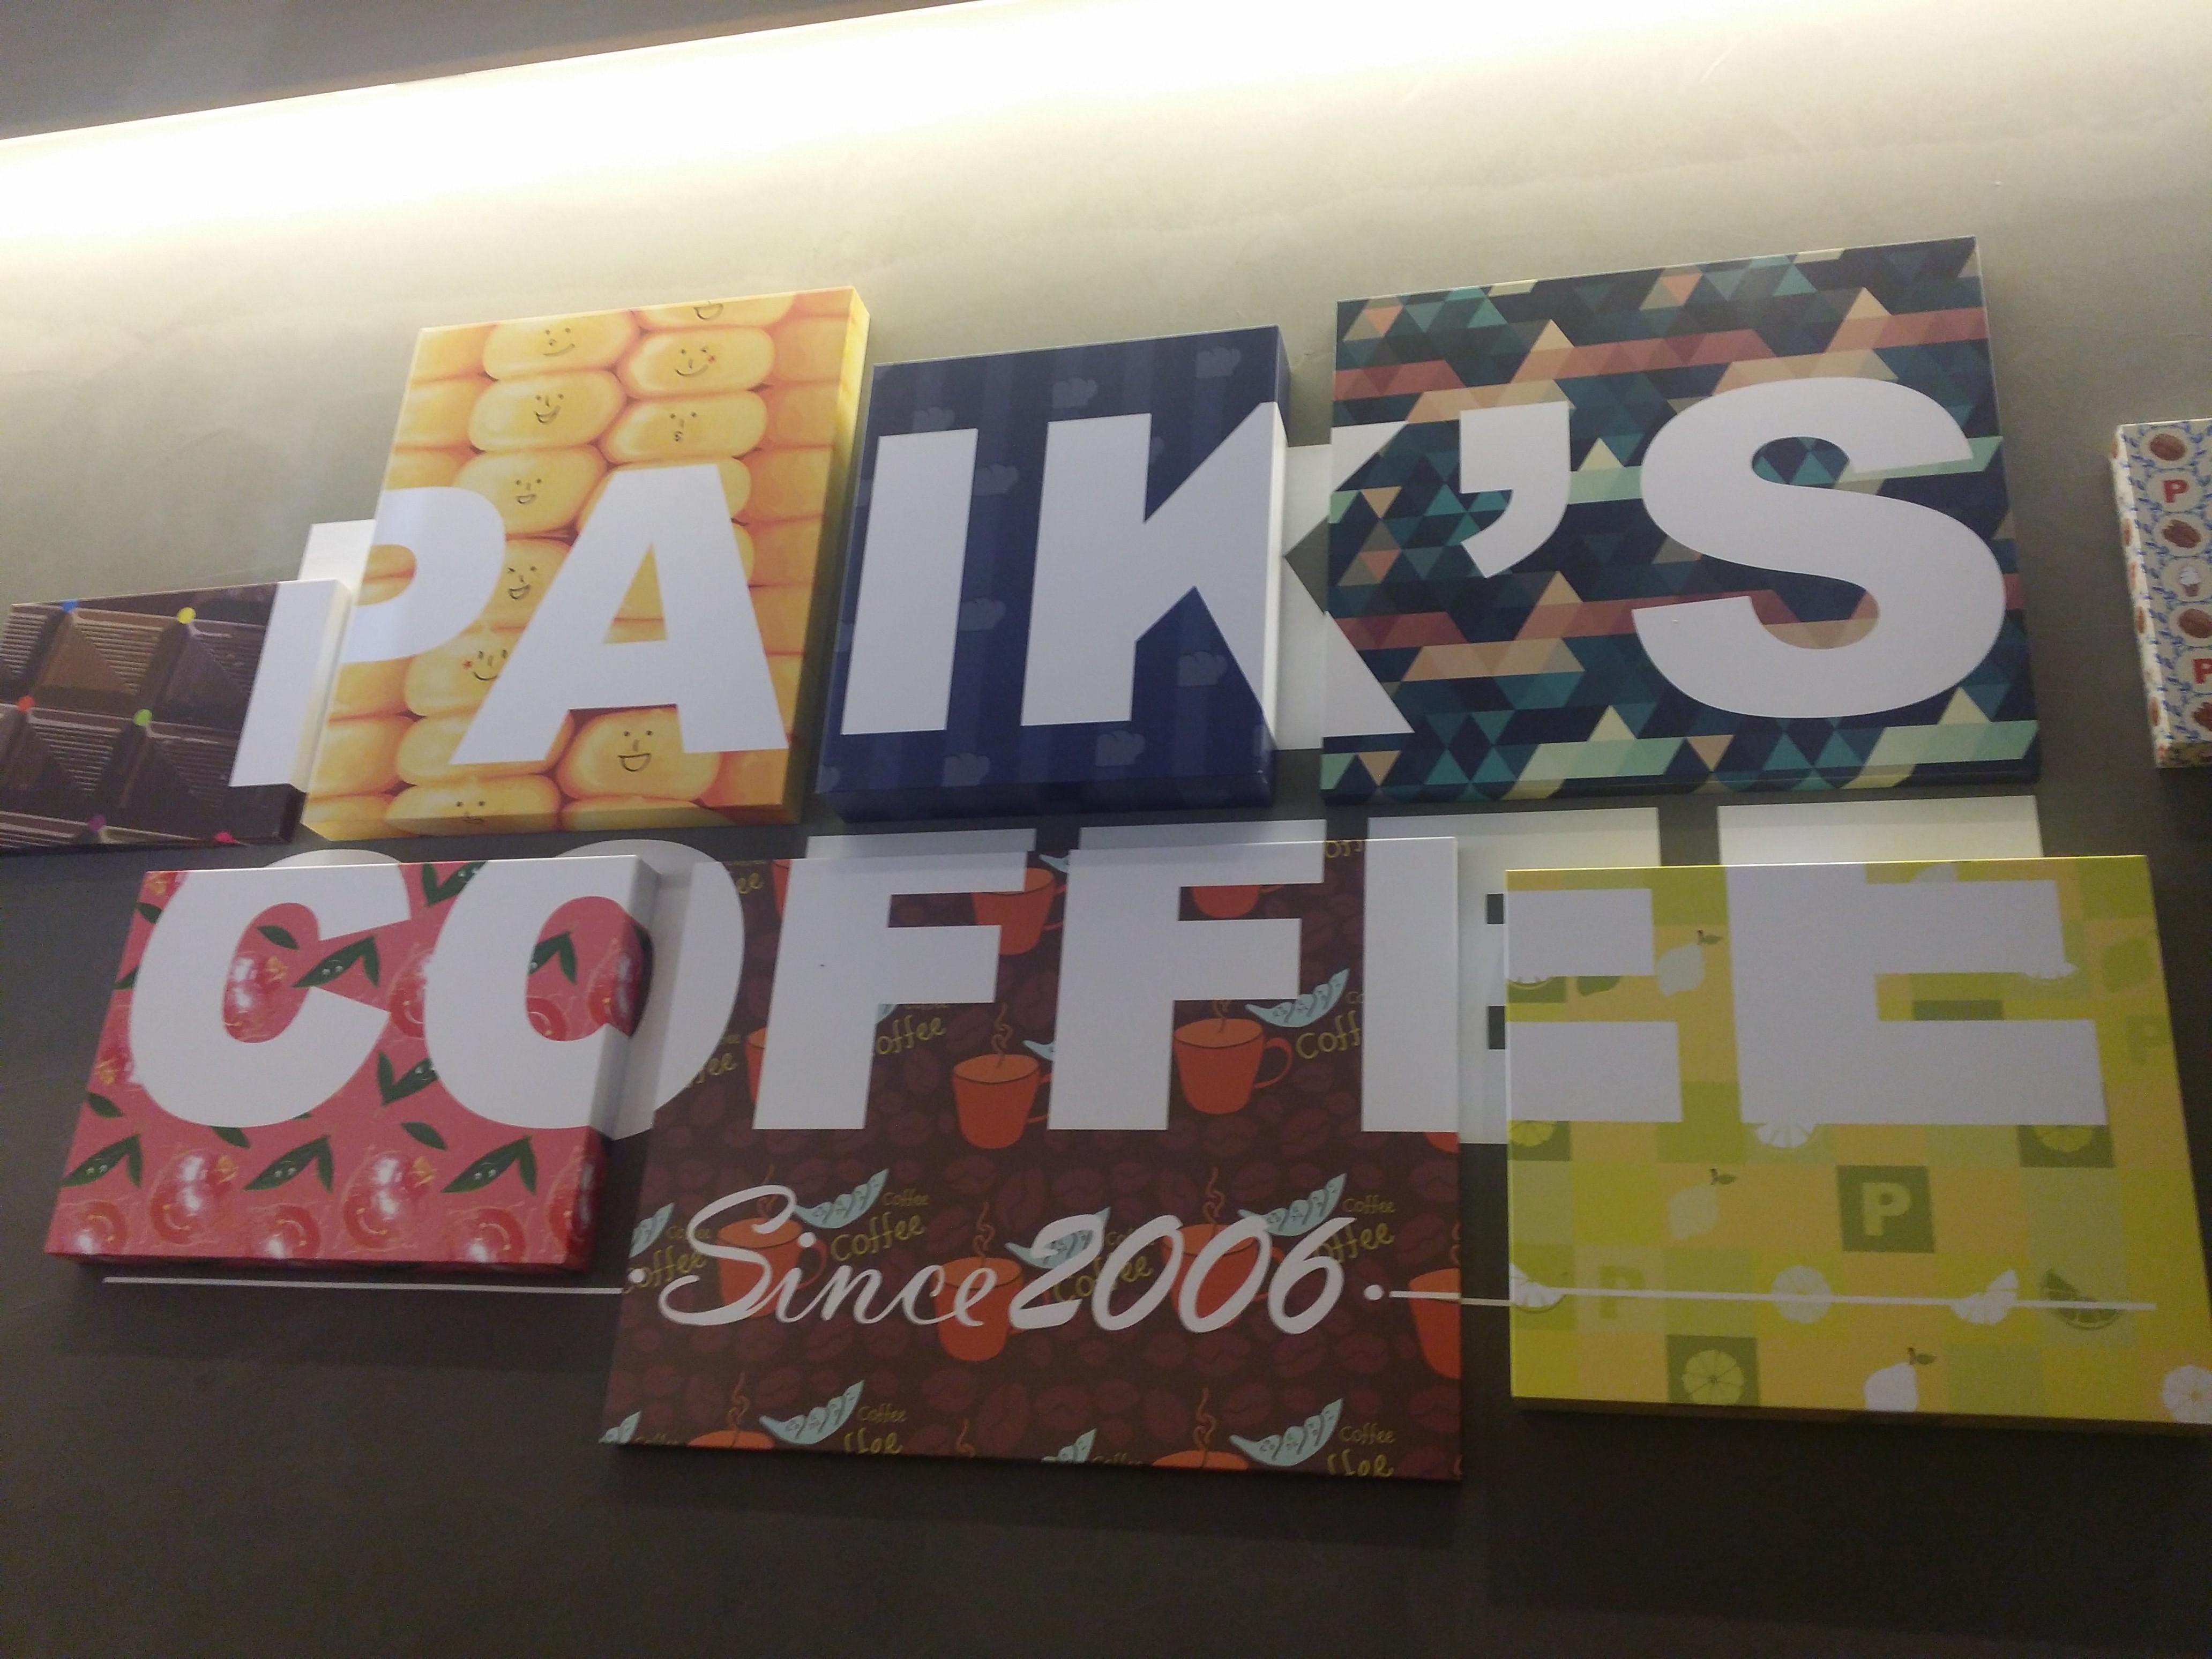 백종원 카페, 빽다방 범계점